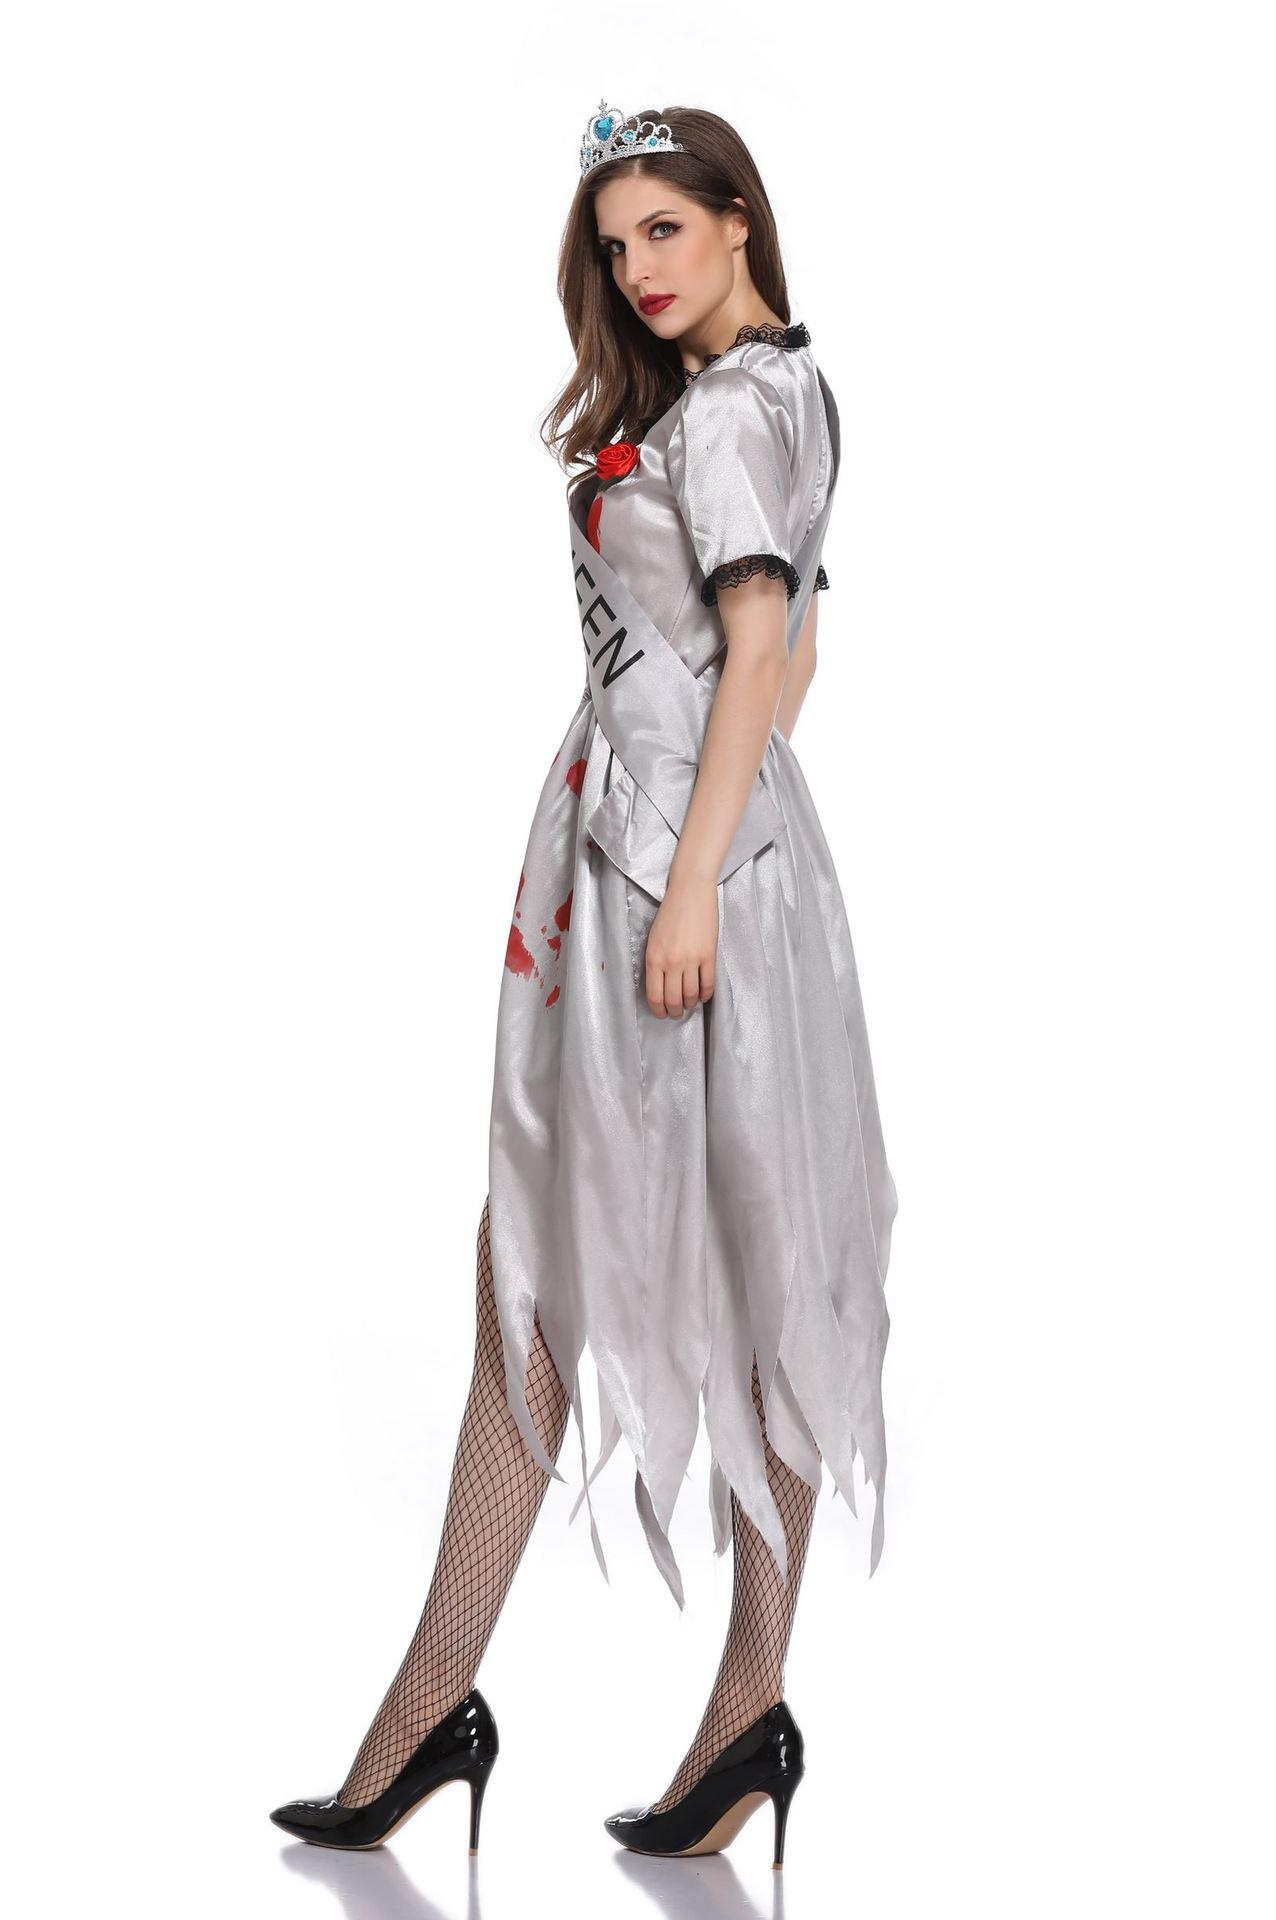 ハロウィンの鬼の花嫁ゾンビの吸血鬼コスプレ化粧パーティーの舞台の個性的な奇妙な服